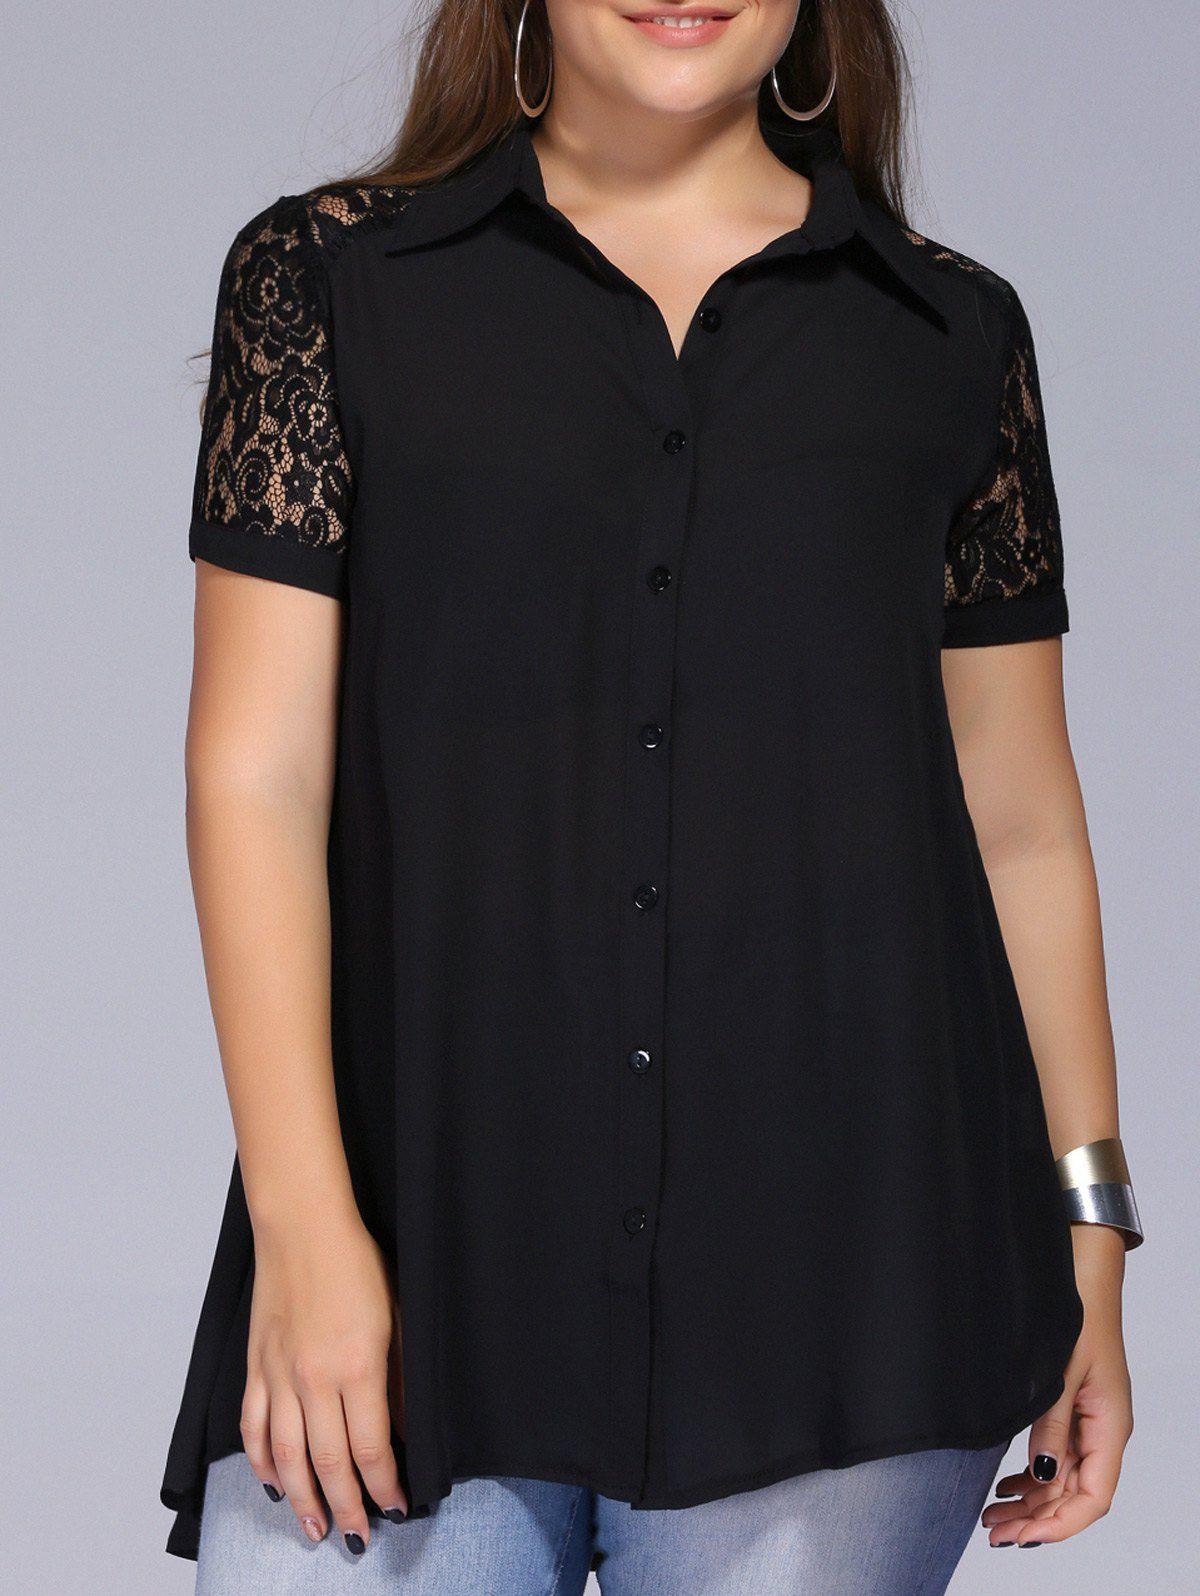 Lace Trim Plus Size Tunic Blouse